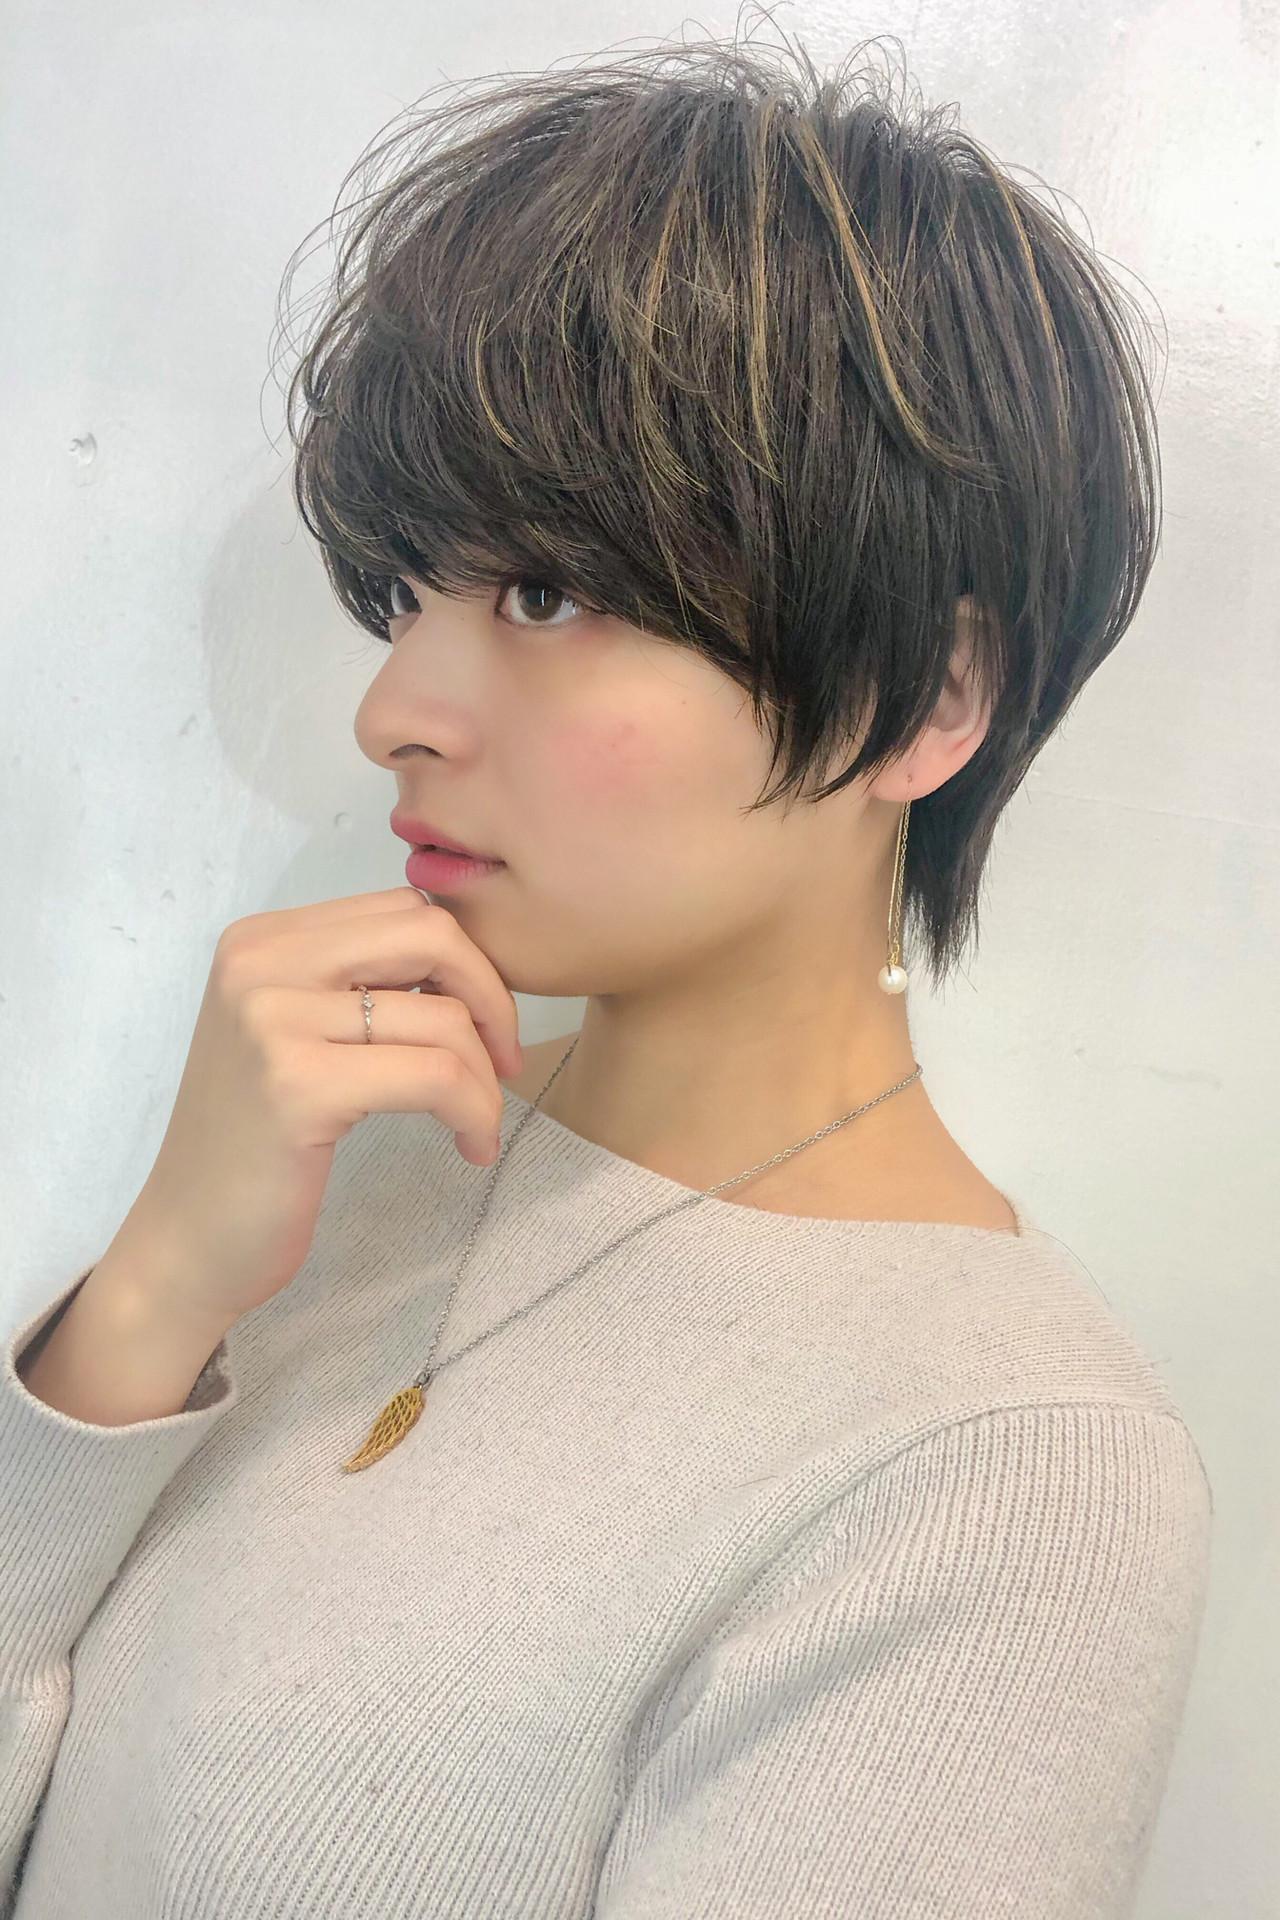 ナチュラル 3Dハイライト 耳かけ ハイライト ヘアスタイルや髪型の写真・画像